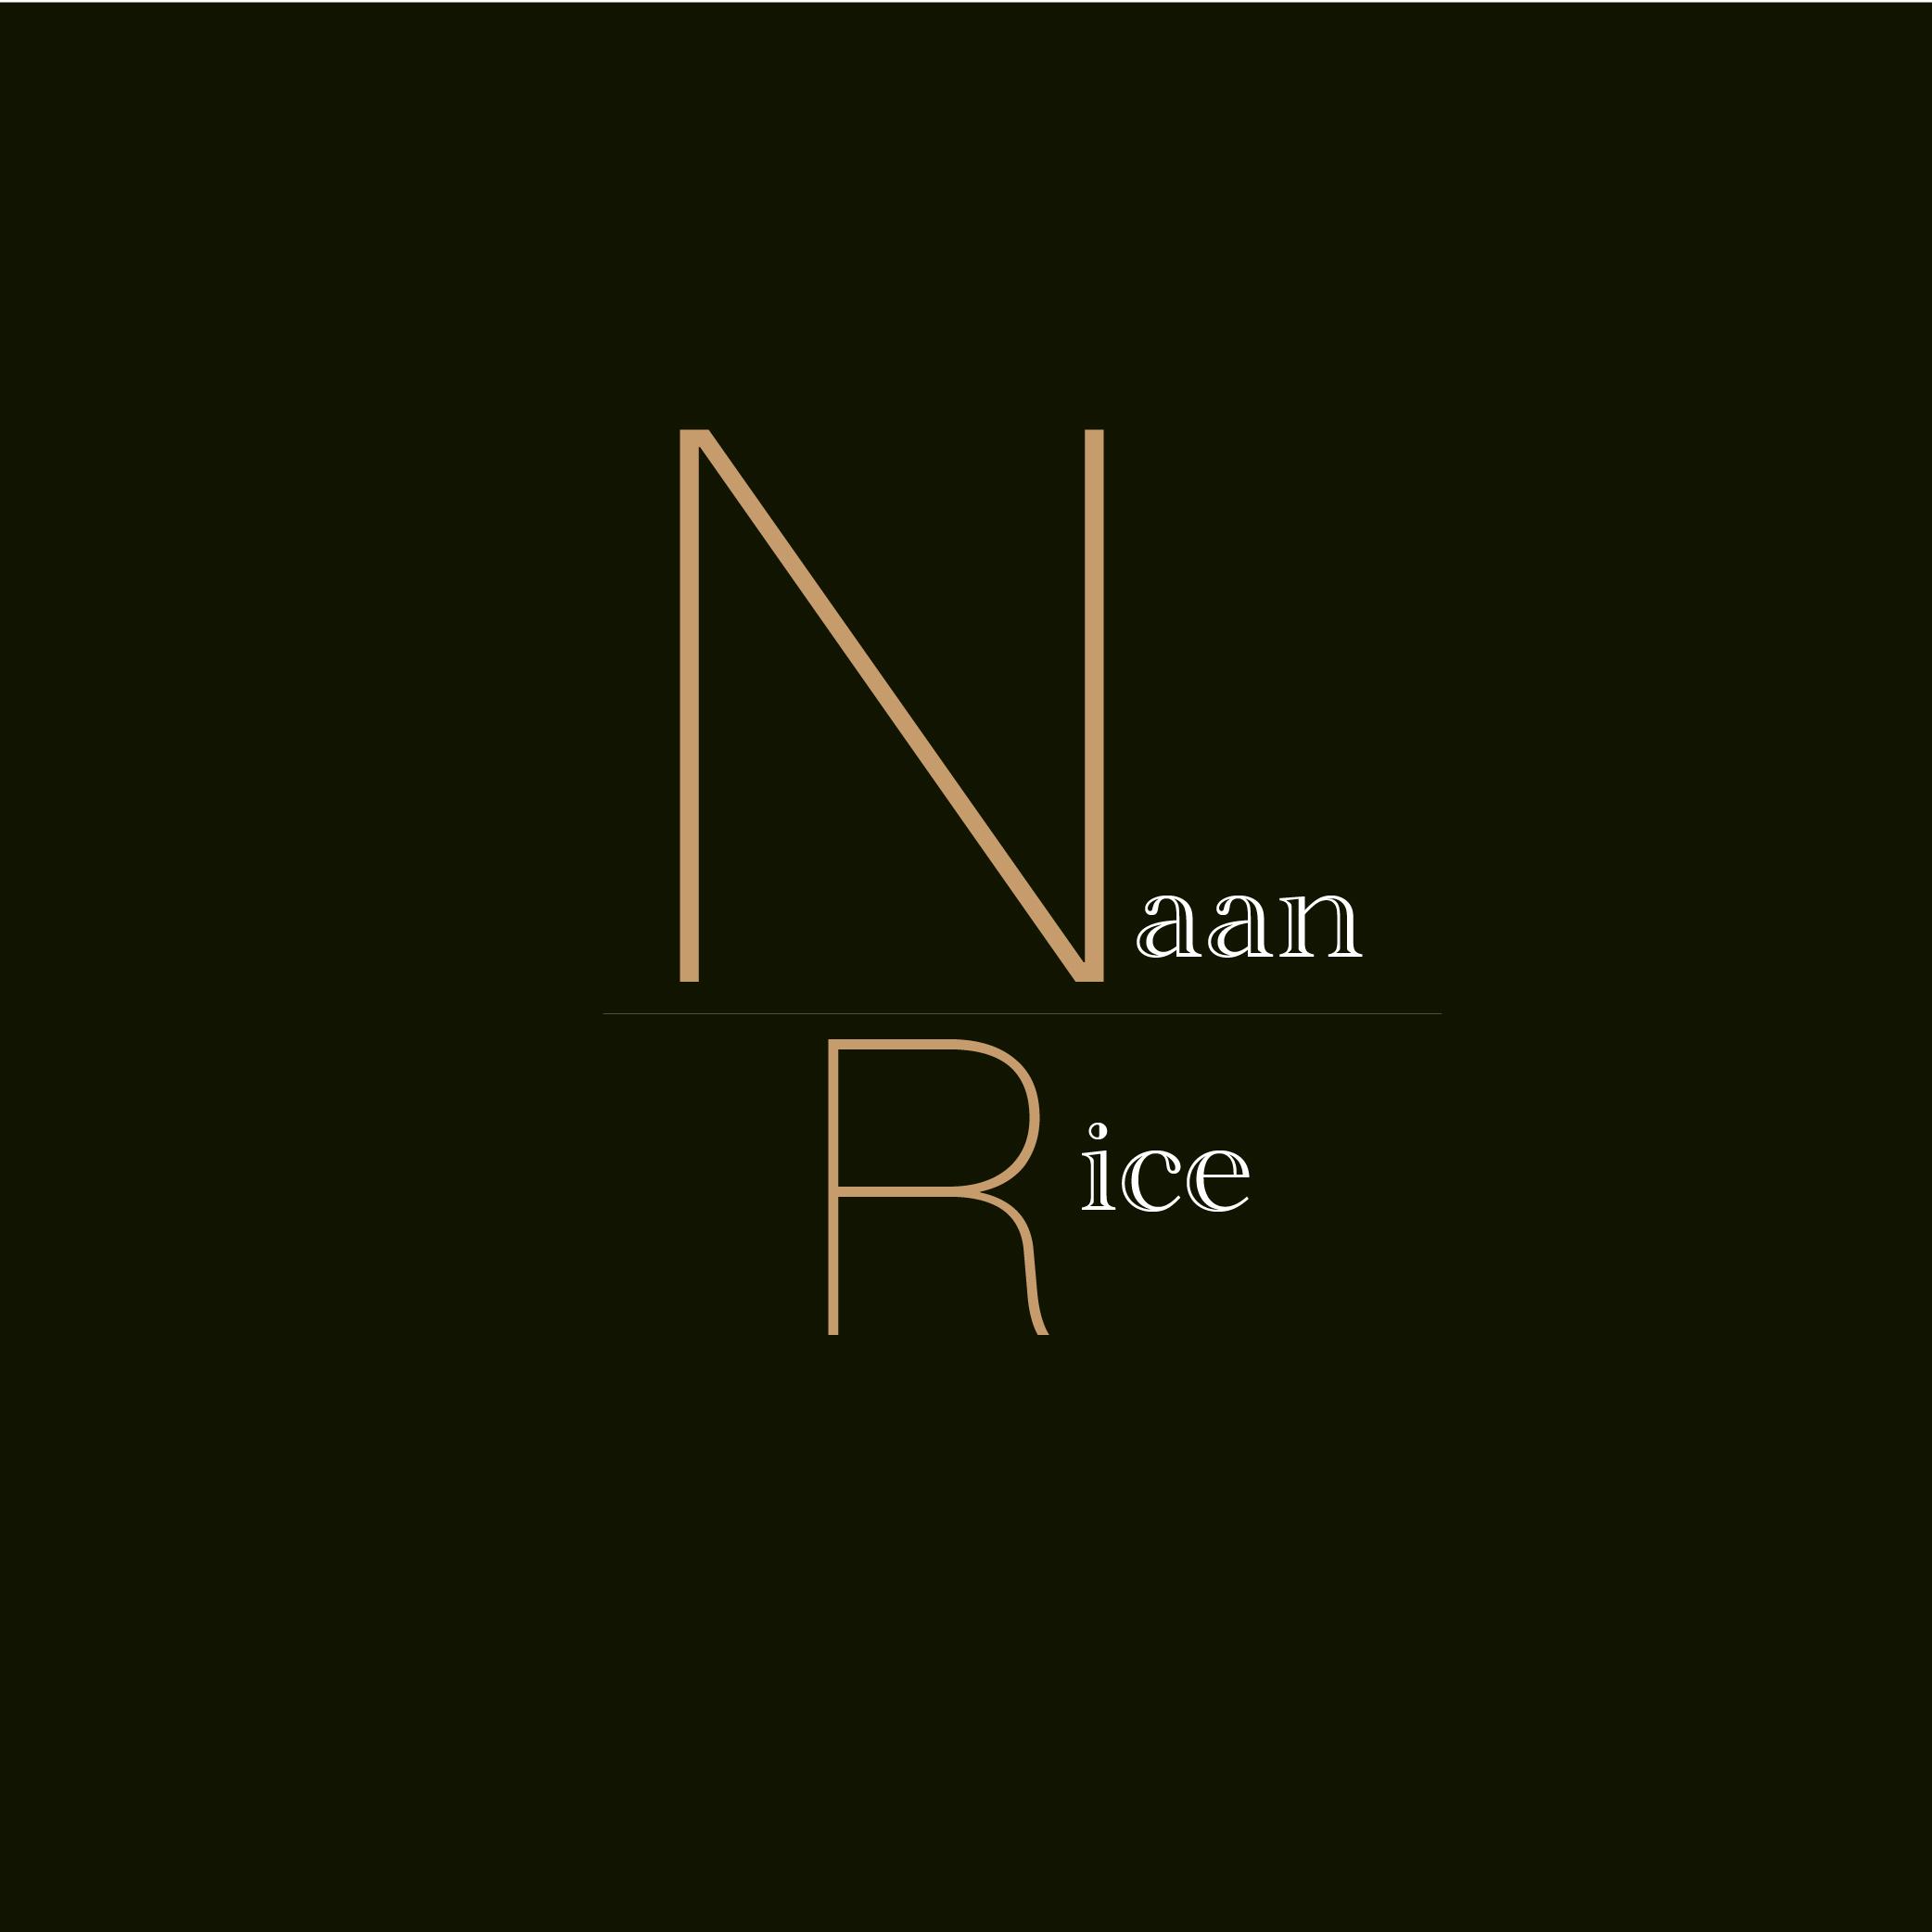 Naan & Rice Menu